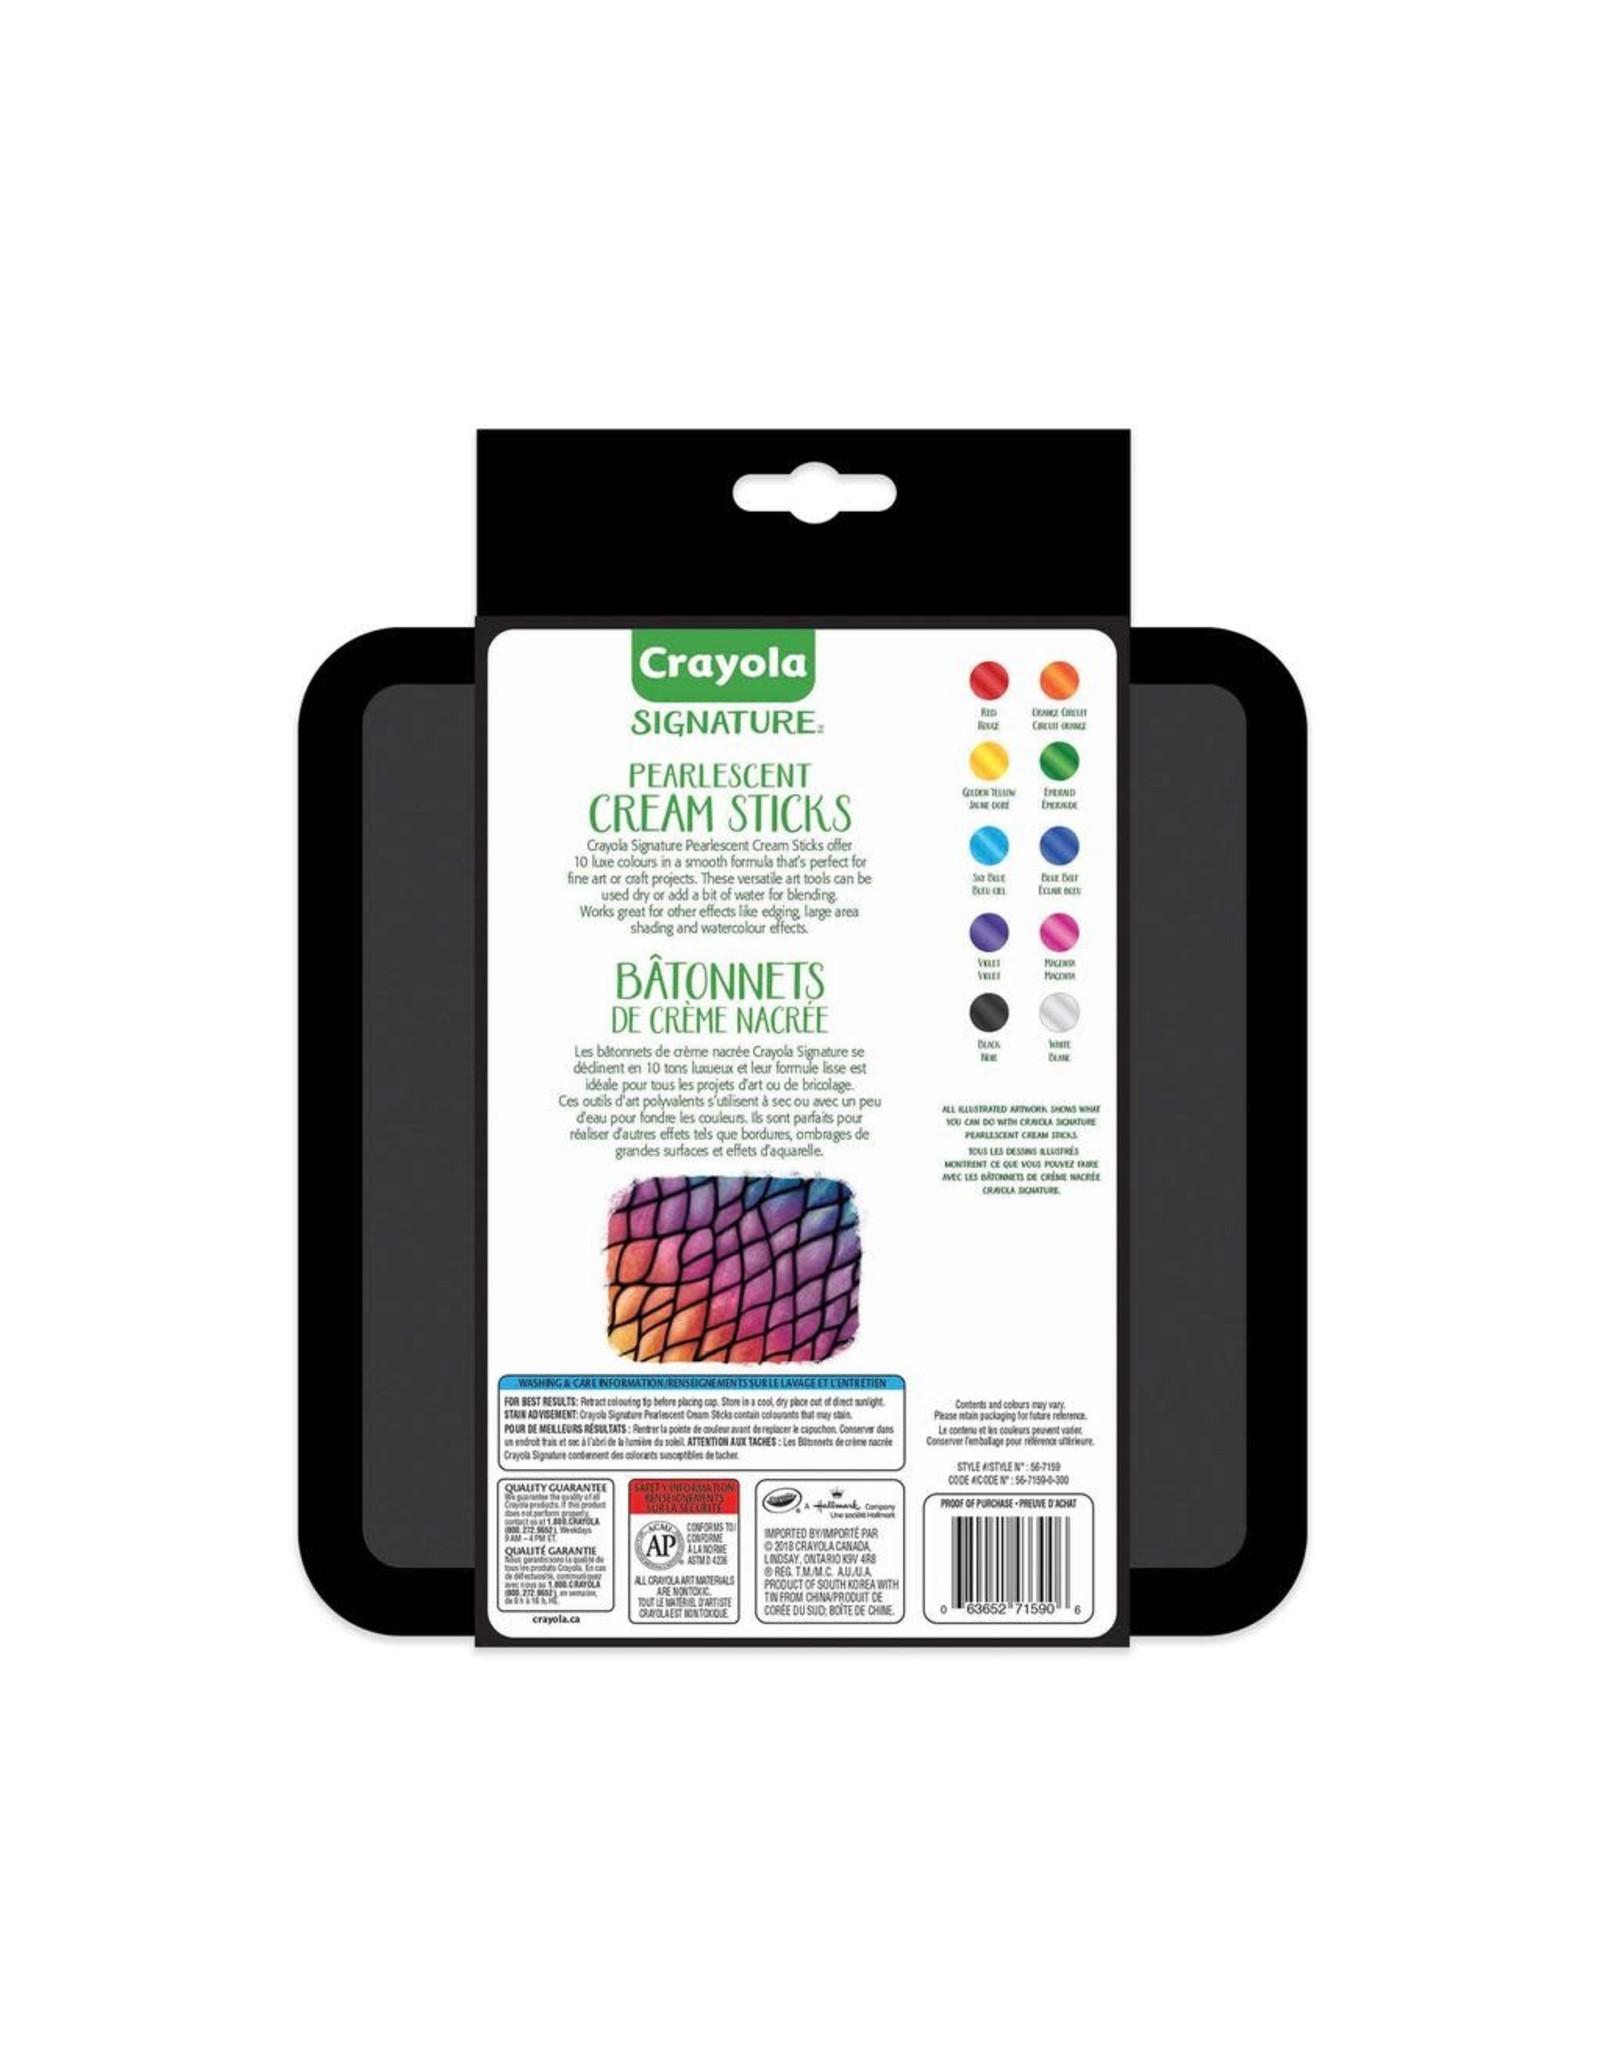 Crayola Signature Pearlescent Cream Sticks 10ct